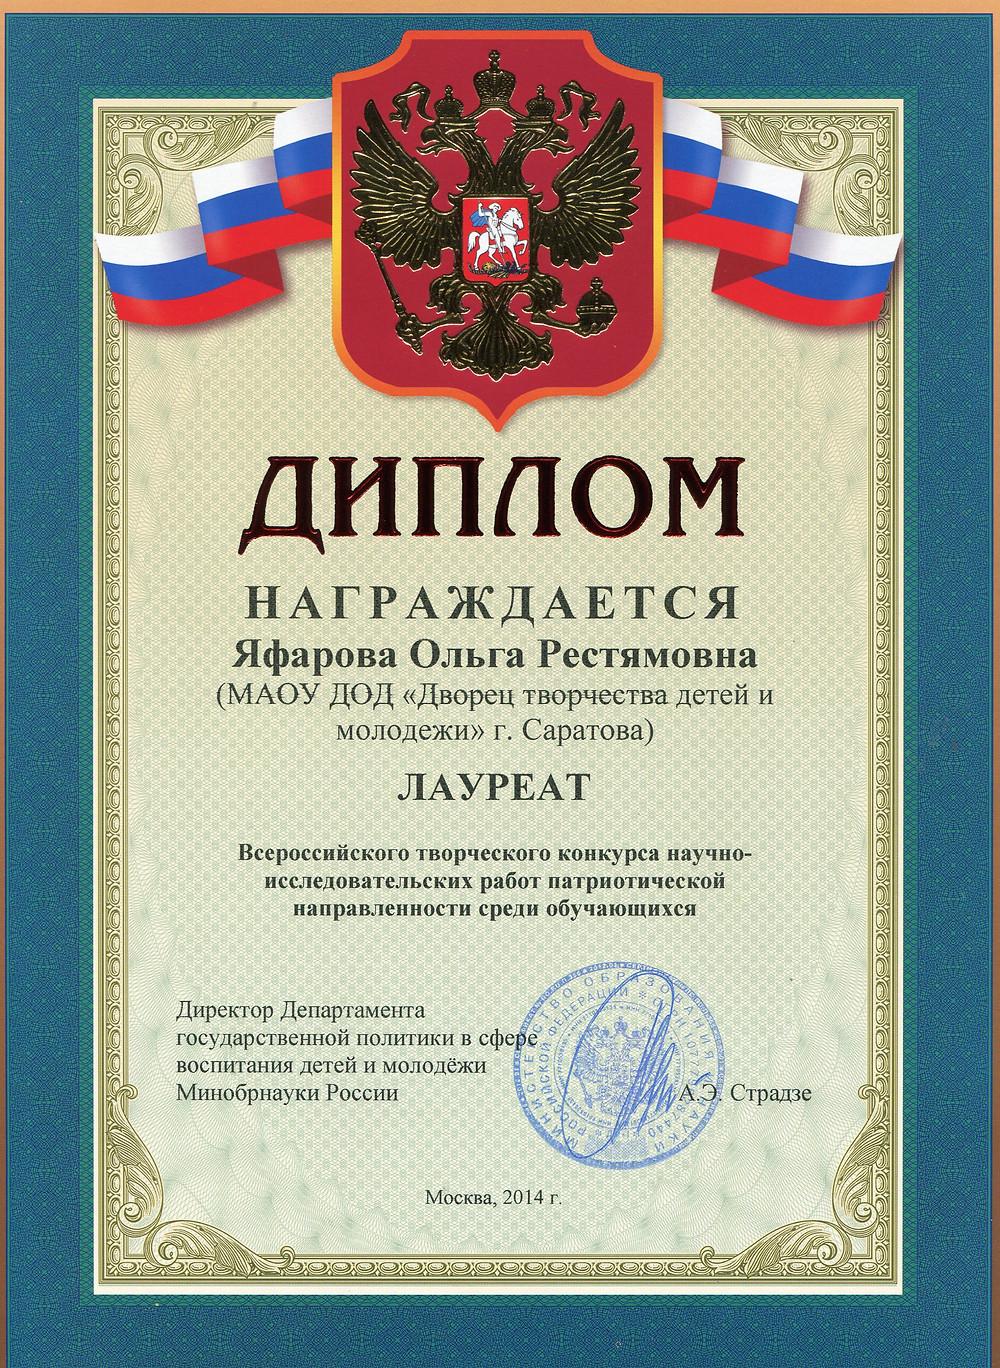 Диплом Лауреата Яфаровой Ольги